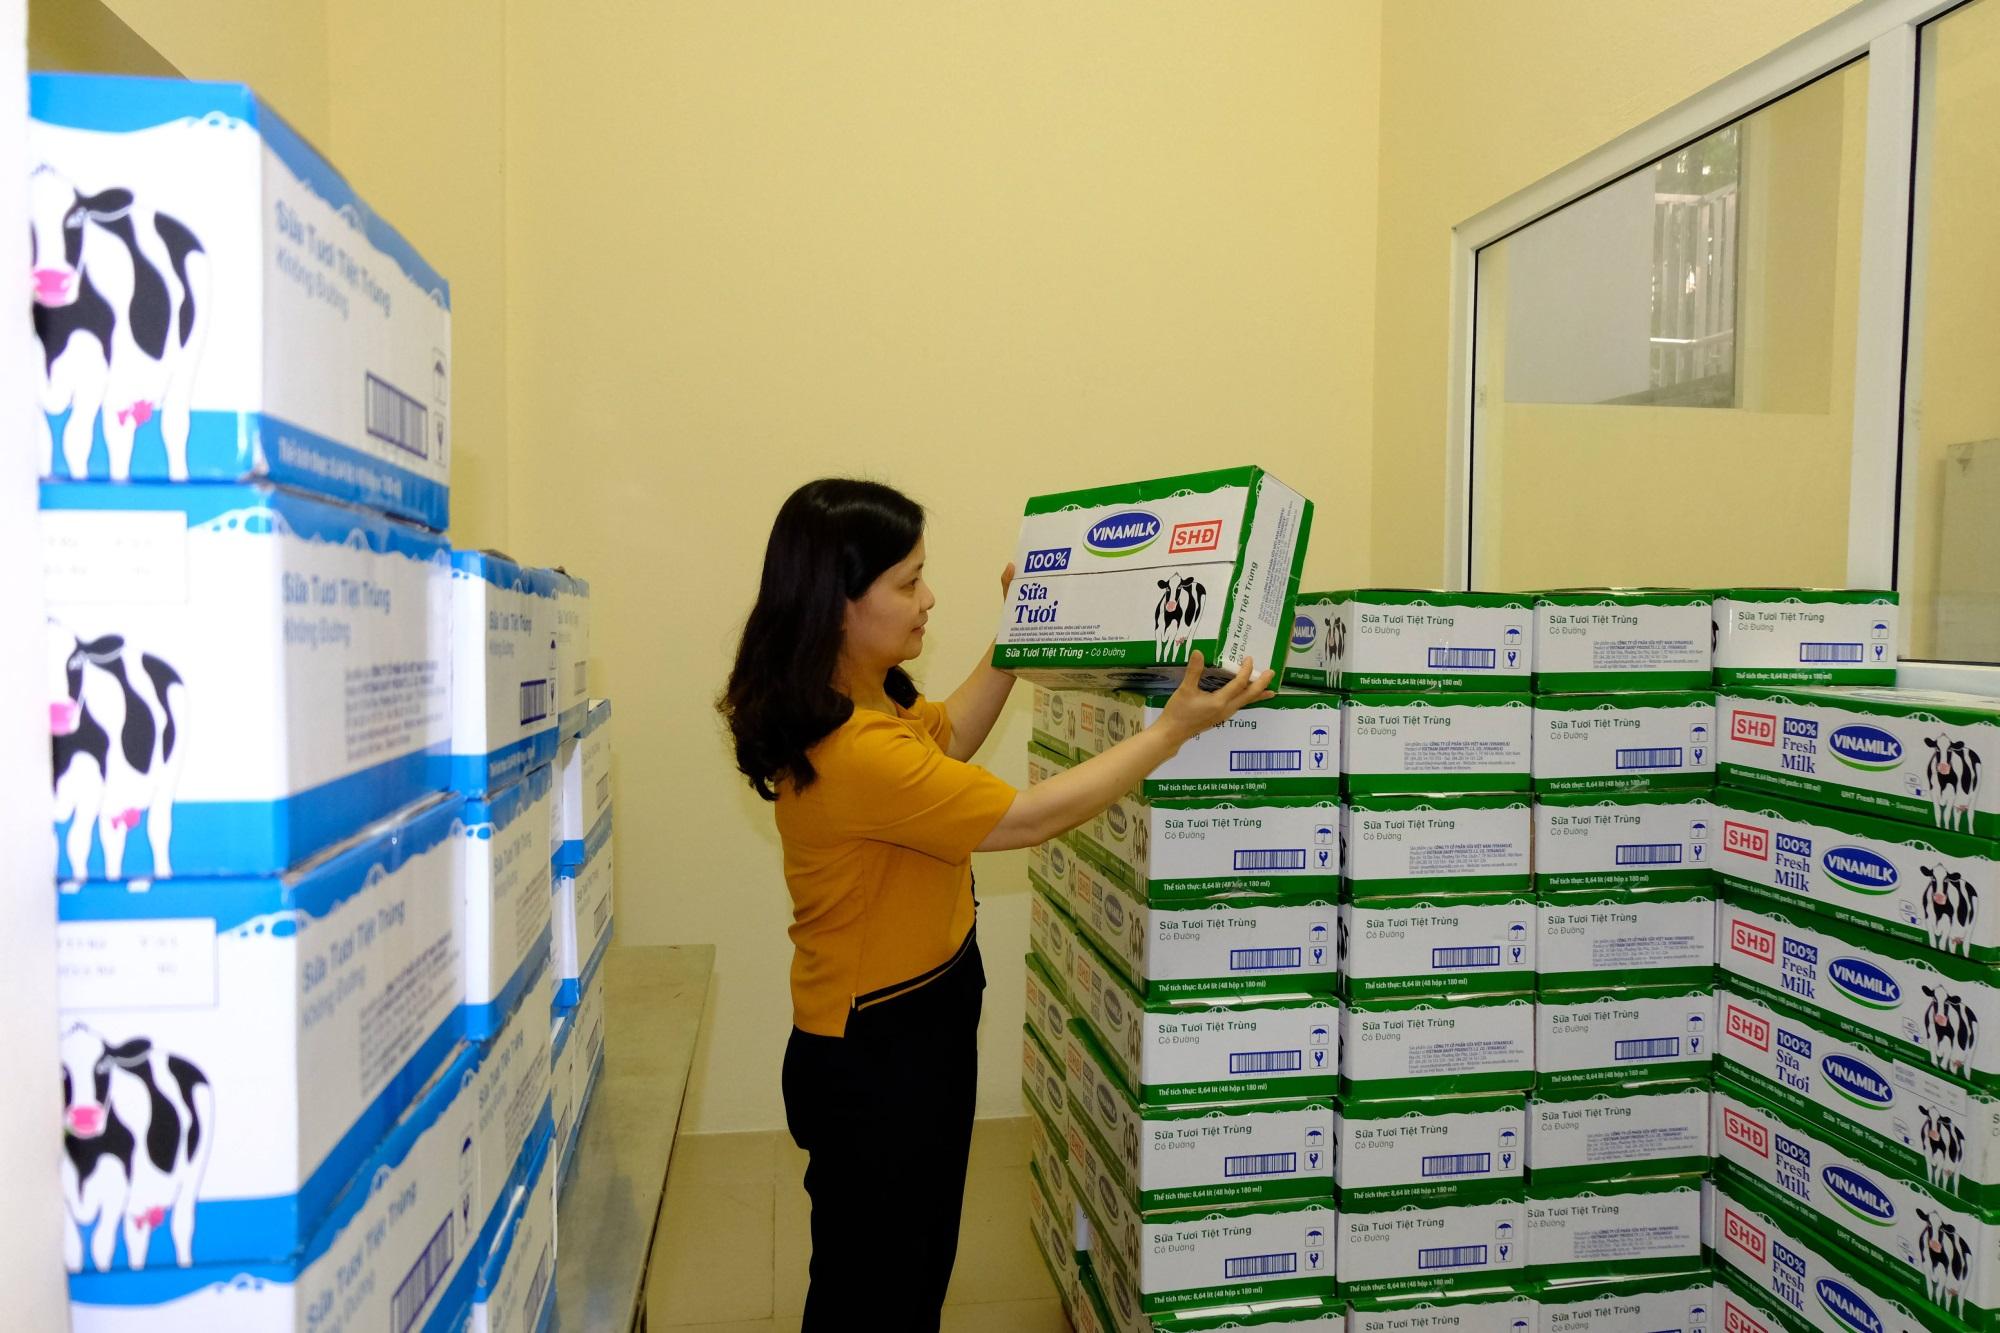 Hàng triệu ly sữa học đường cung cấp cho trẻ em thủ đô Hà Nội mỗi ngày - Ảnh 1